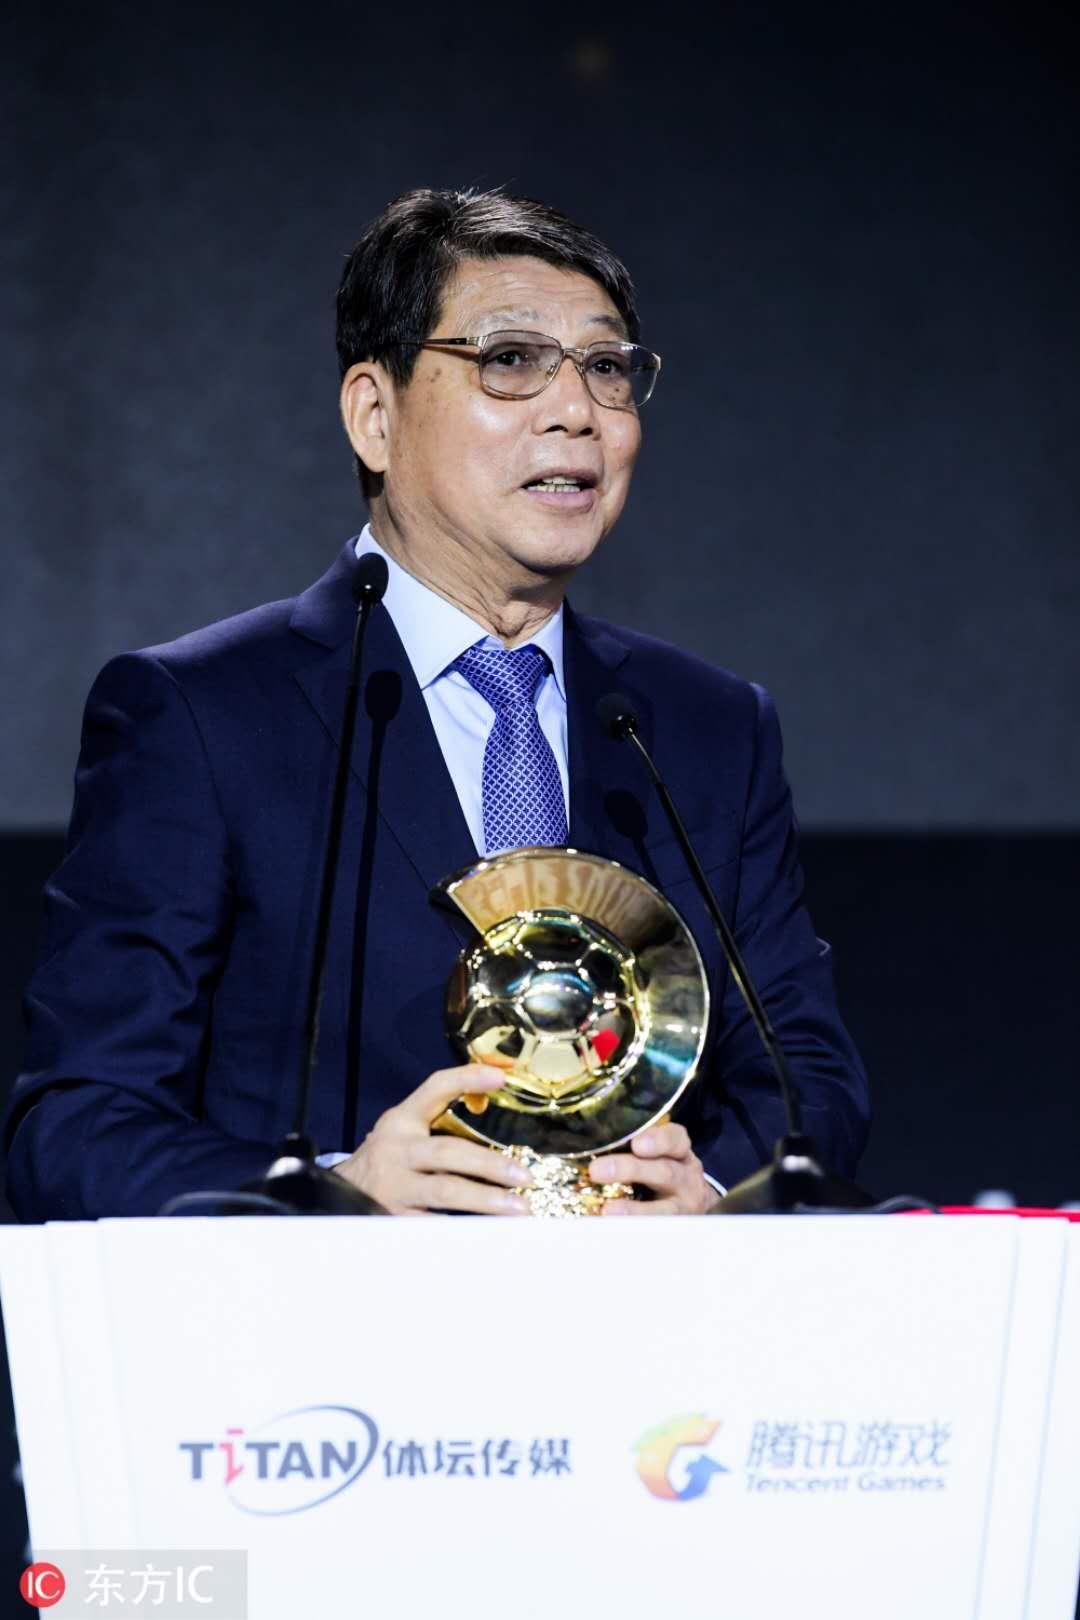 树立中国足球榜样 2017中国金球奖评选揭晓